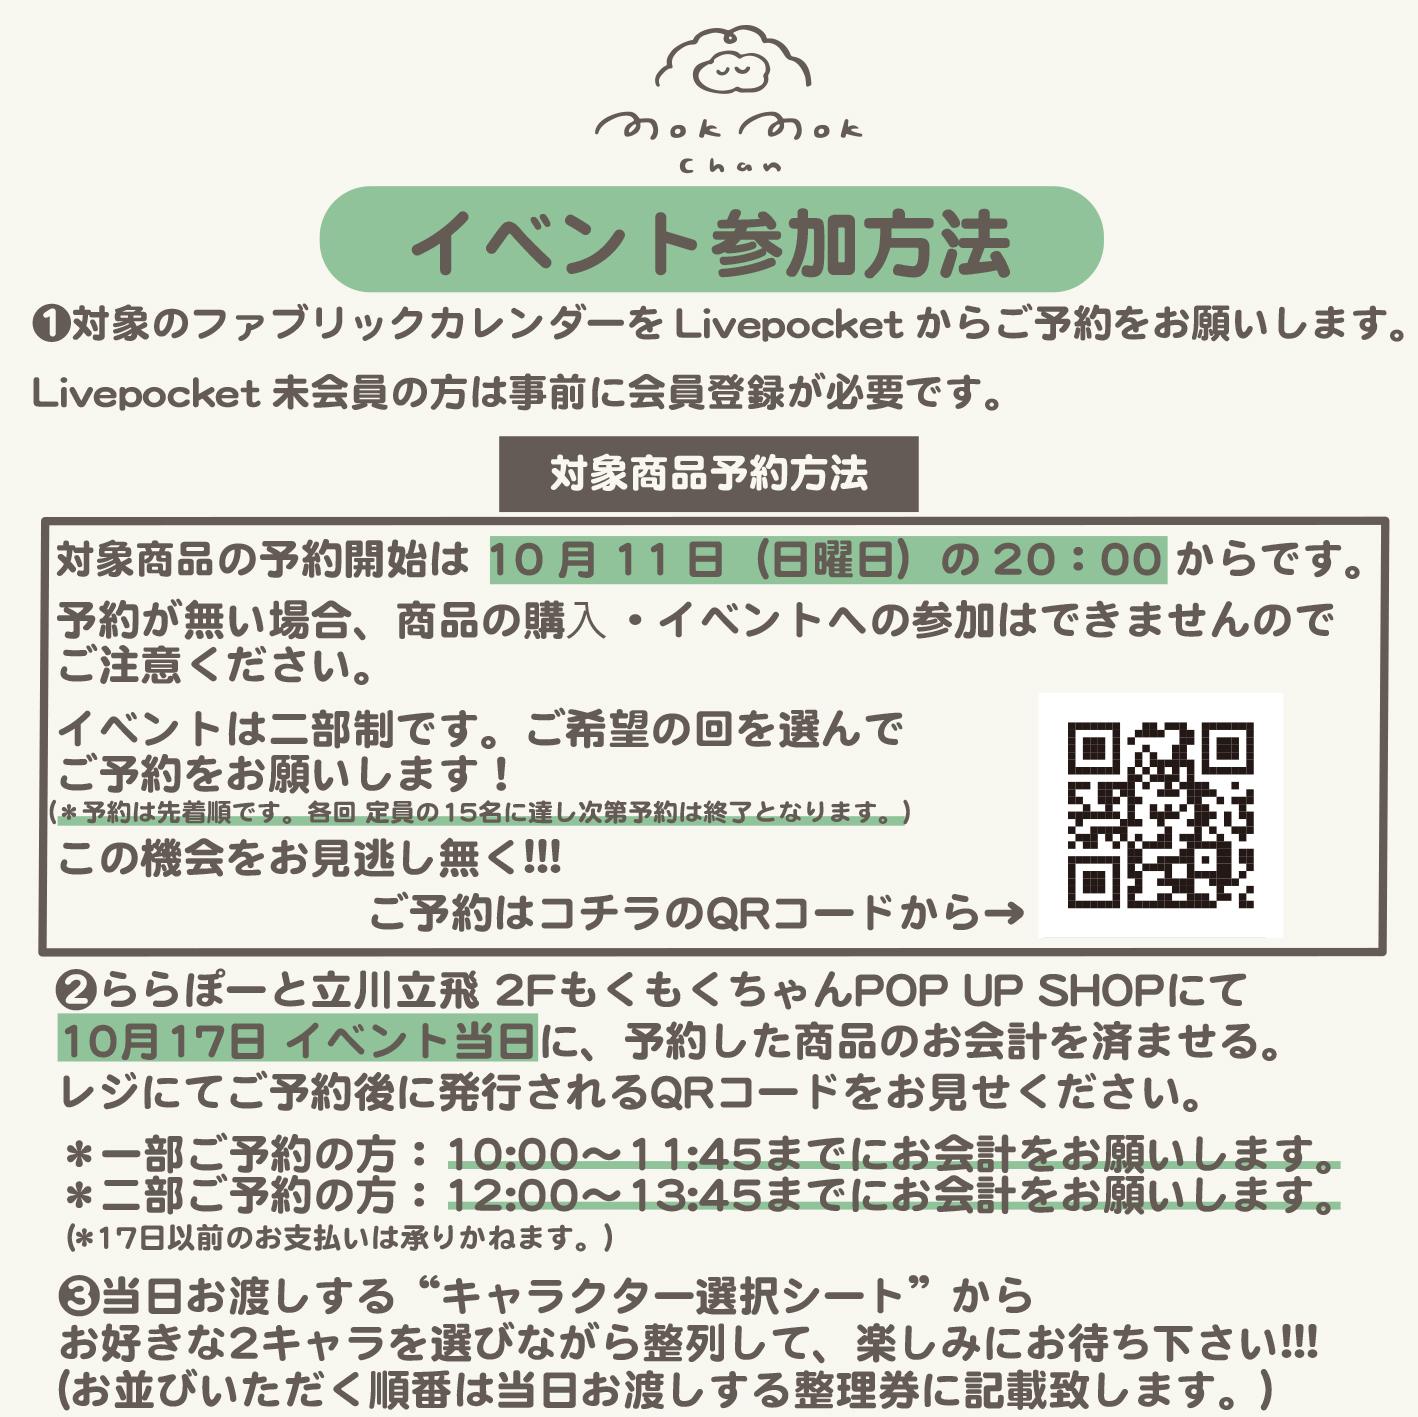 WEB おしゃべりサイン会 開催決定のお知らせ